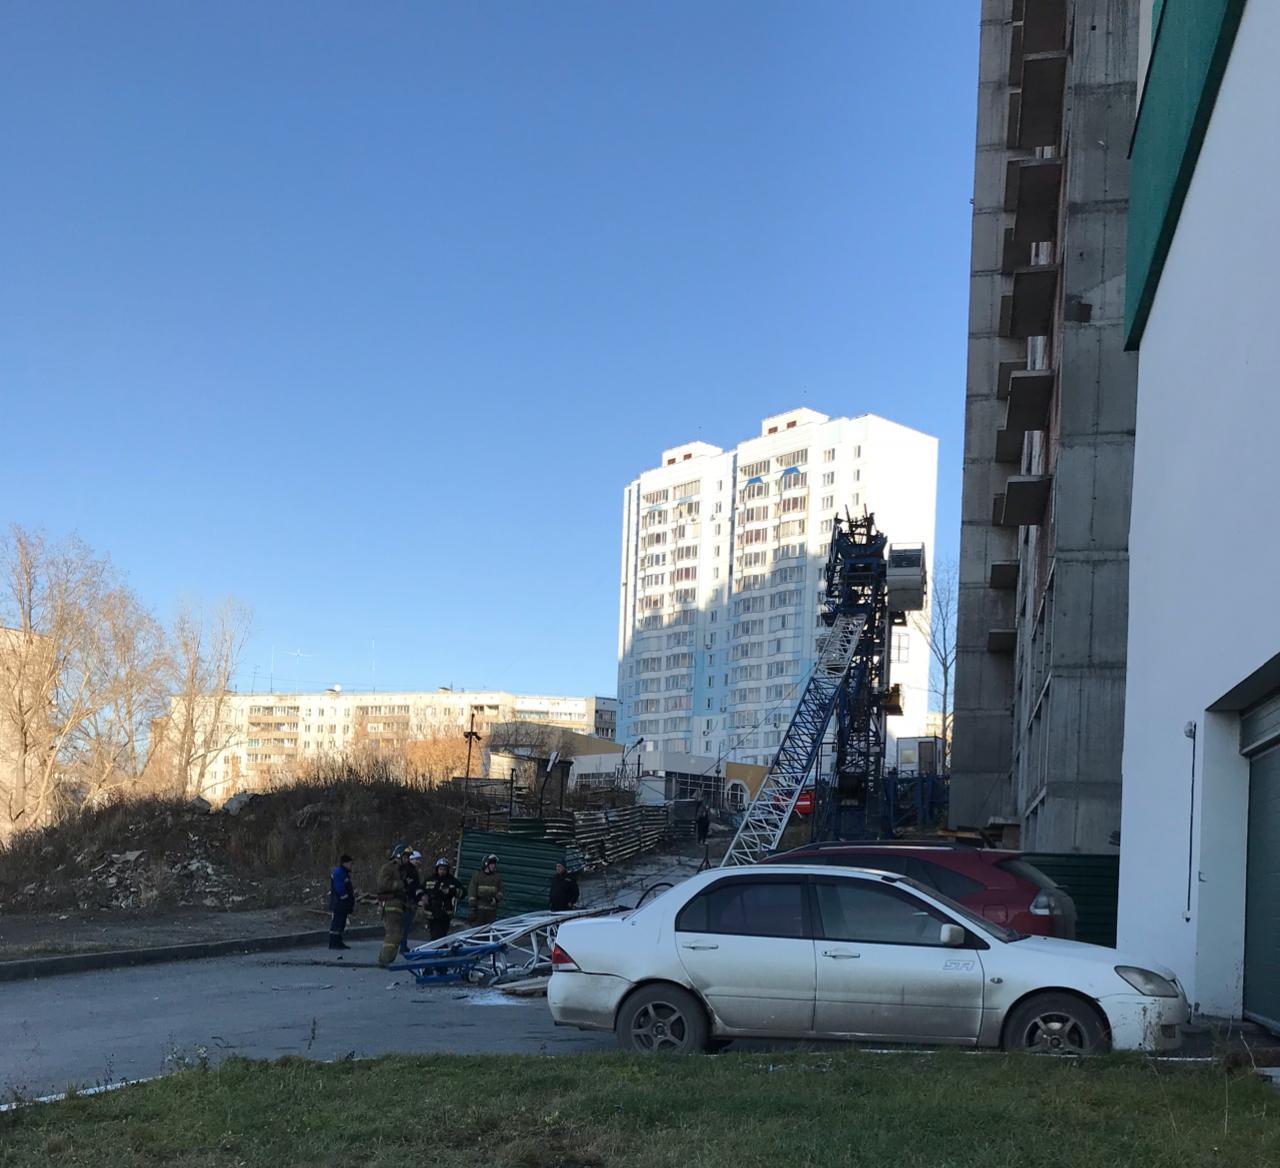 Конструкция упала рядом с припаркованными машинами